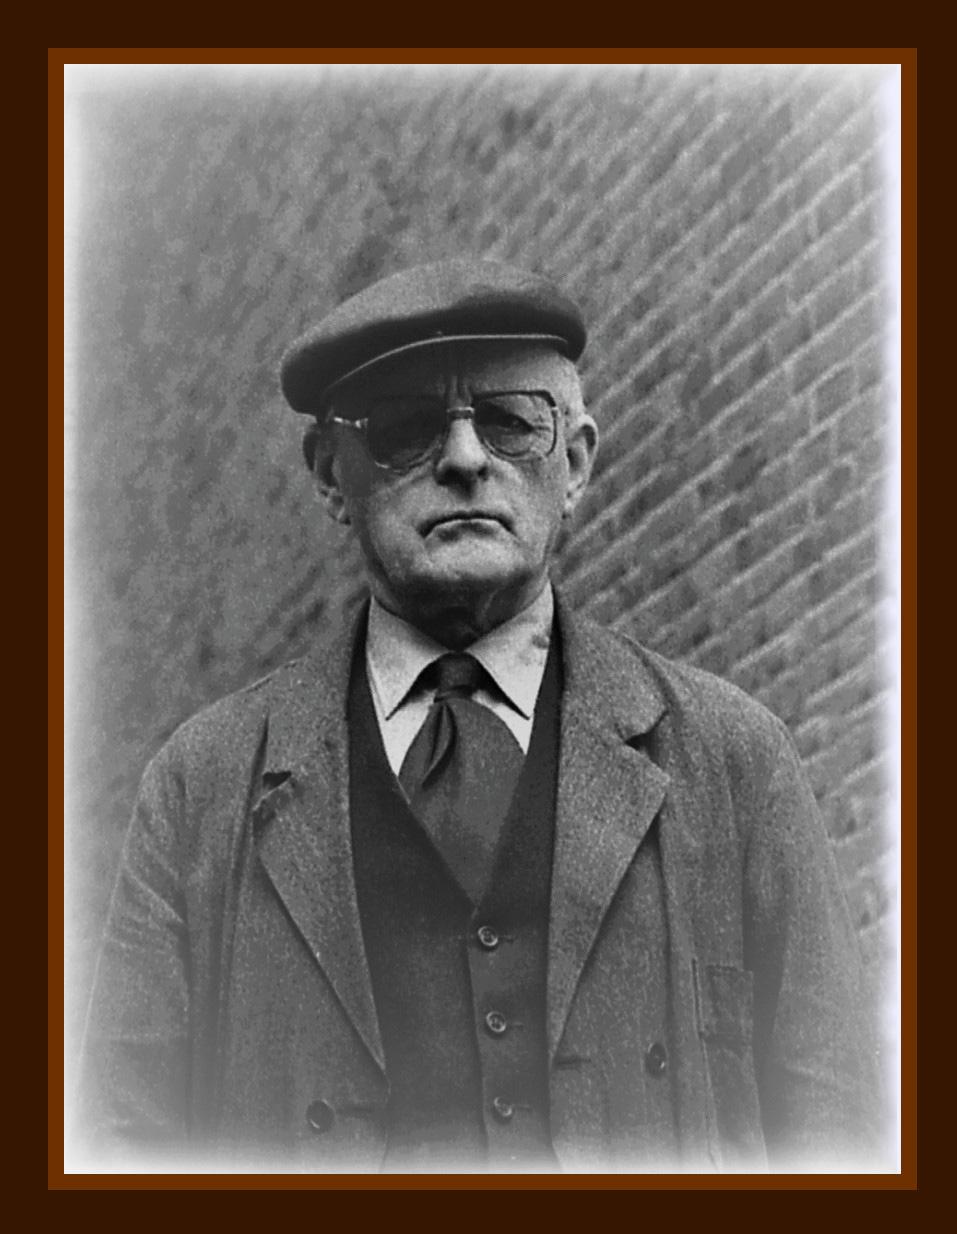 Mijn vader Cornelis (Kees) Fraanje (1913-1990) - Foto: ©Louis Fraanje